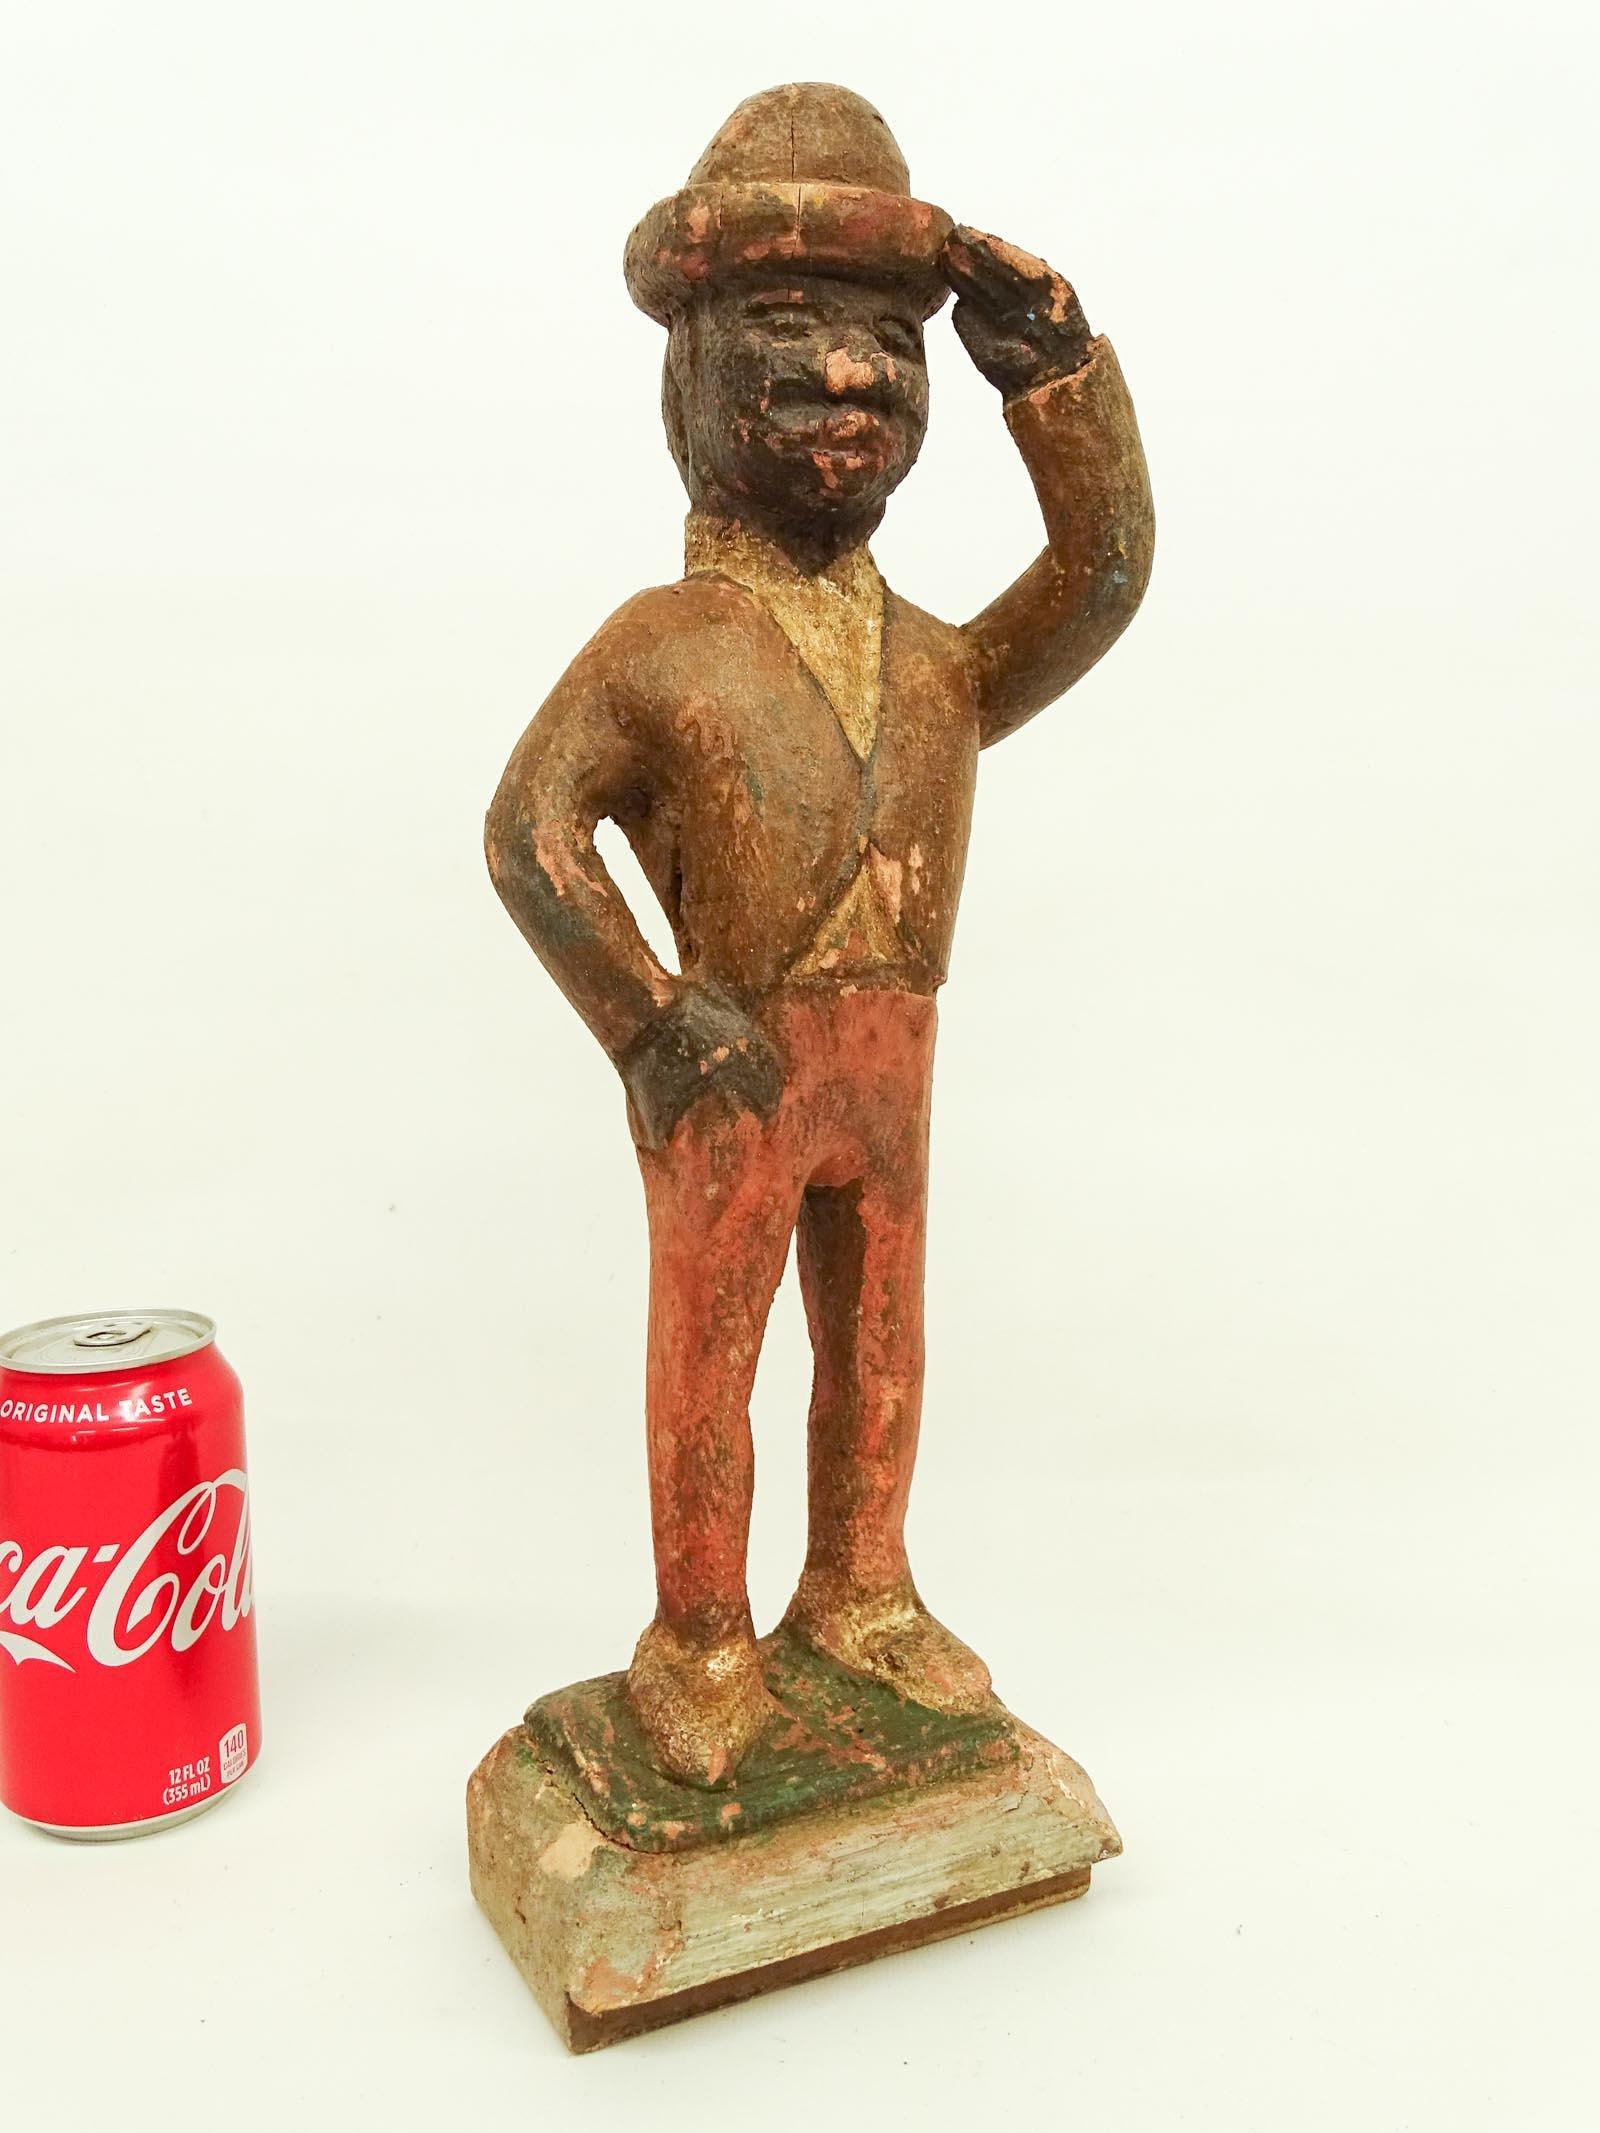 Folk Art Carved Wooden Figure